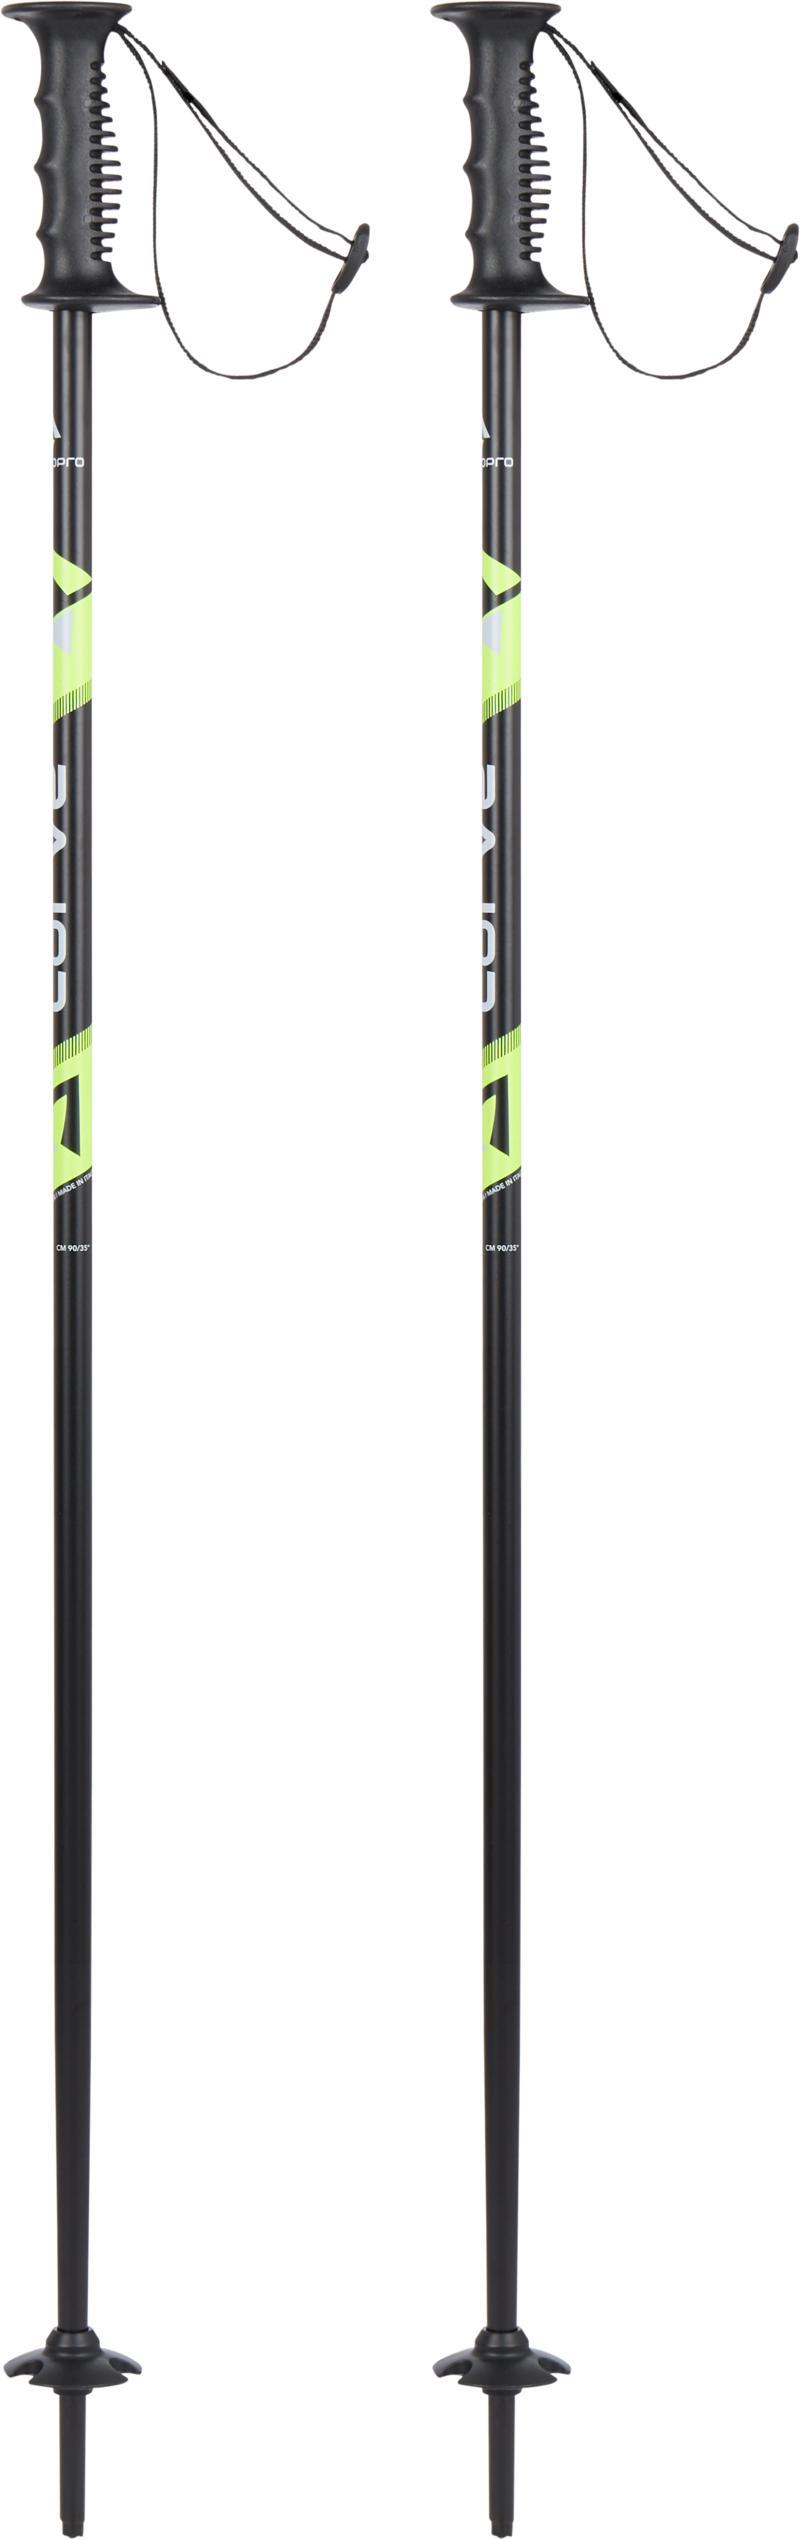 Tecnopro CARVE JR, dječiji štapovi za skijanje, crna